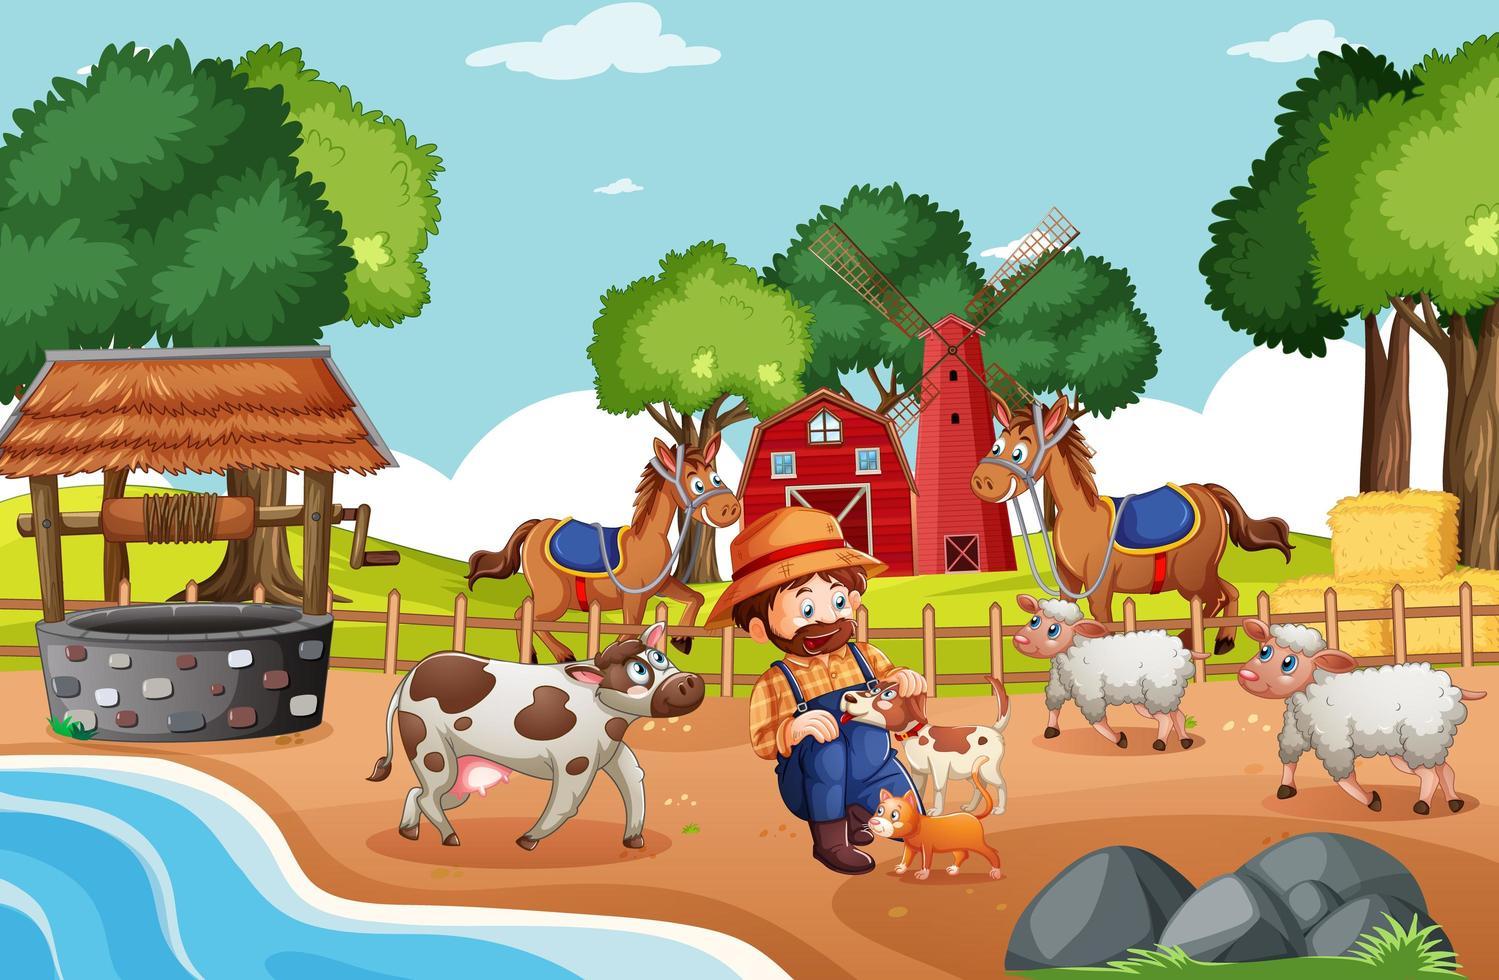 viejo macdonald en una escena de rimas infantiles de granja vector